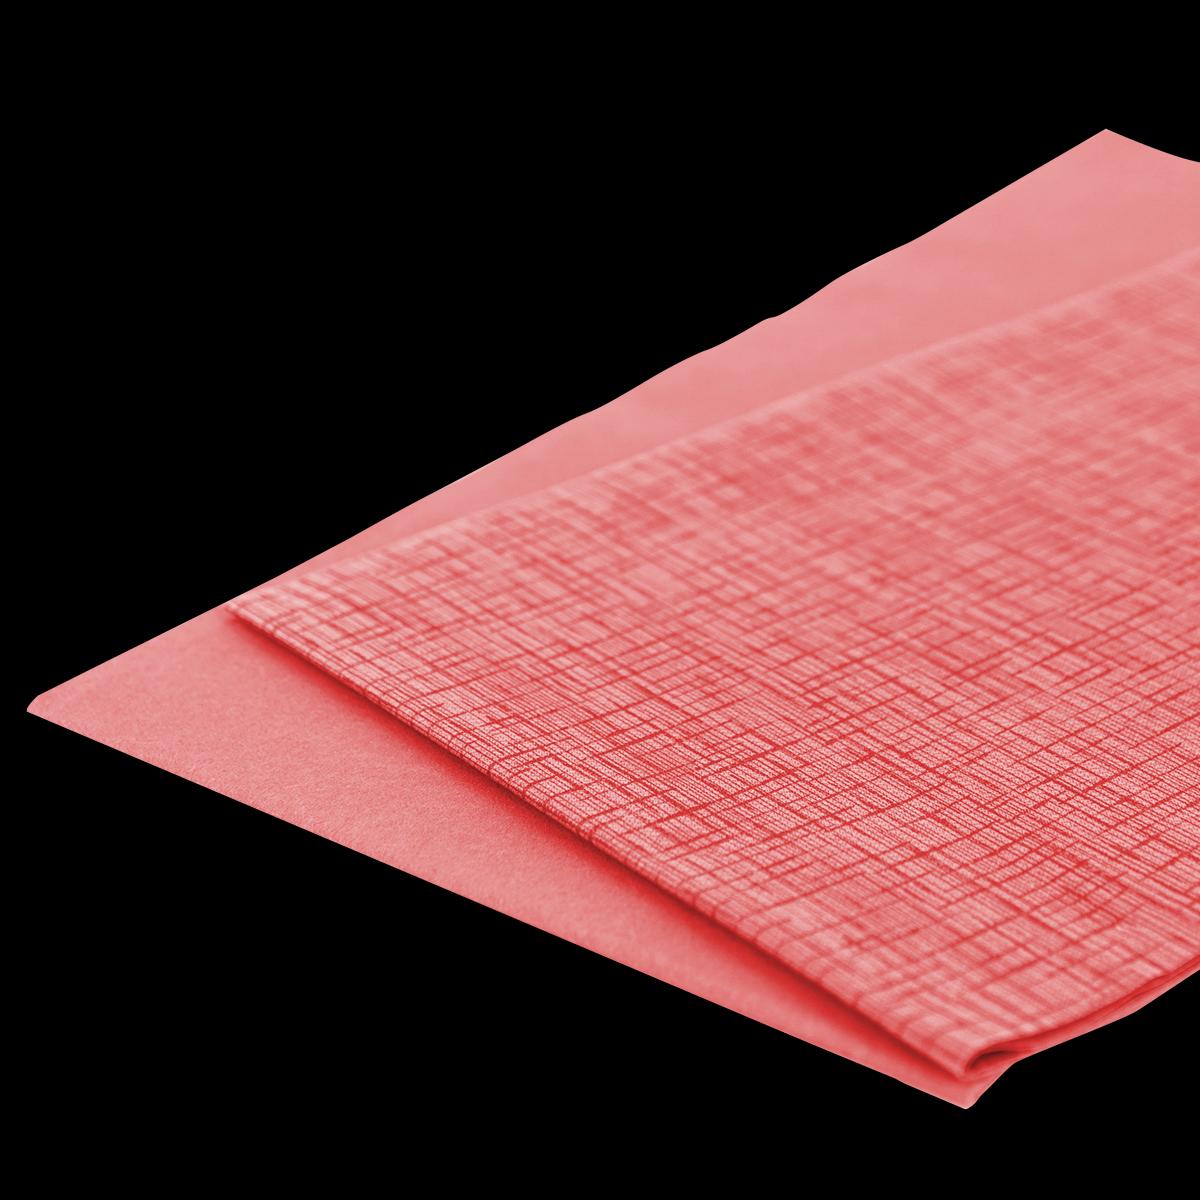 Serviette Dunilin 48 x 48 cm, Farbe lt. Muster, ungefaltet